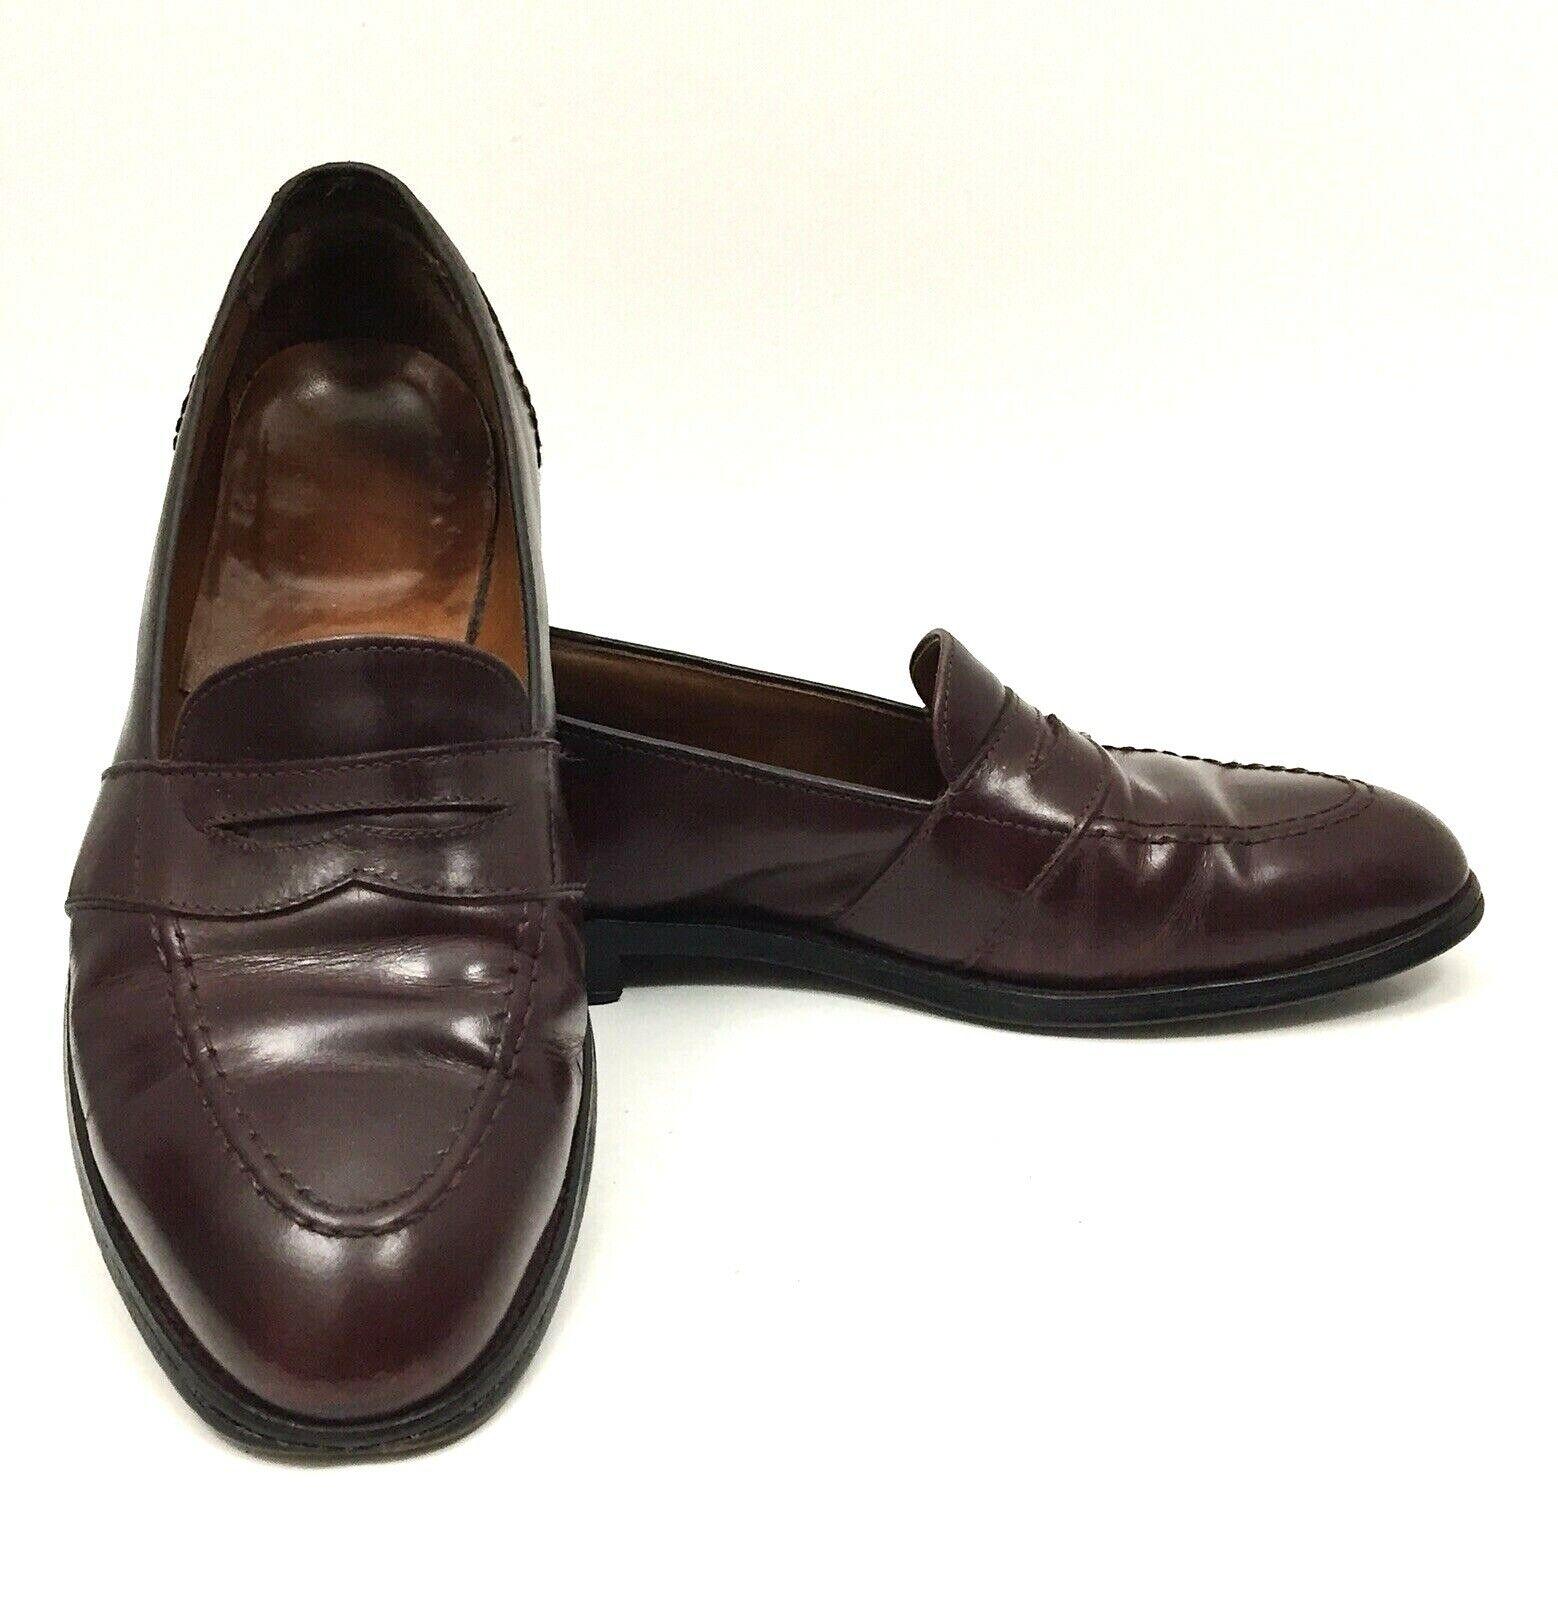 Zapatos De Vestir Correa Mens Borgoña Completo Alden PENNY Mocasines De Cuero Talla 10.5 C